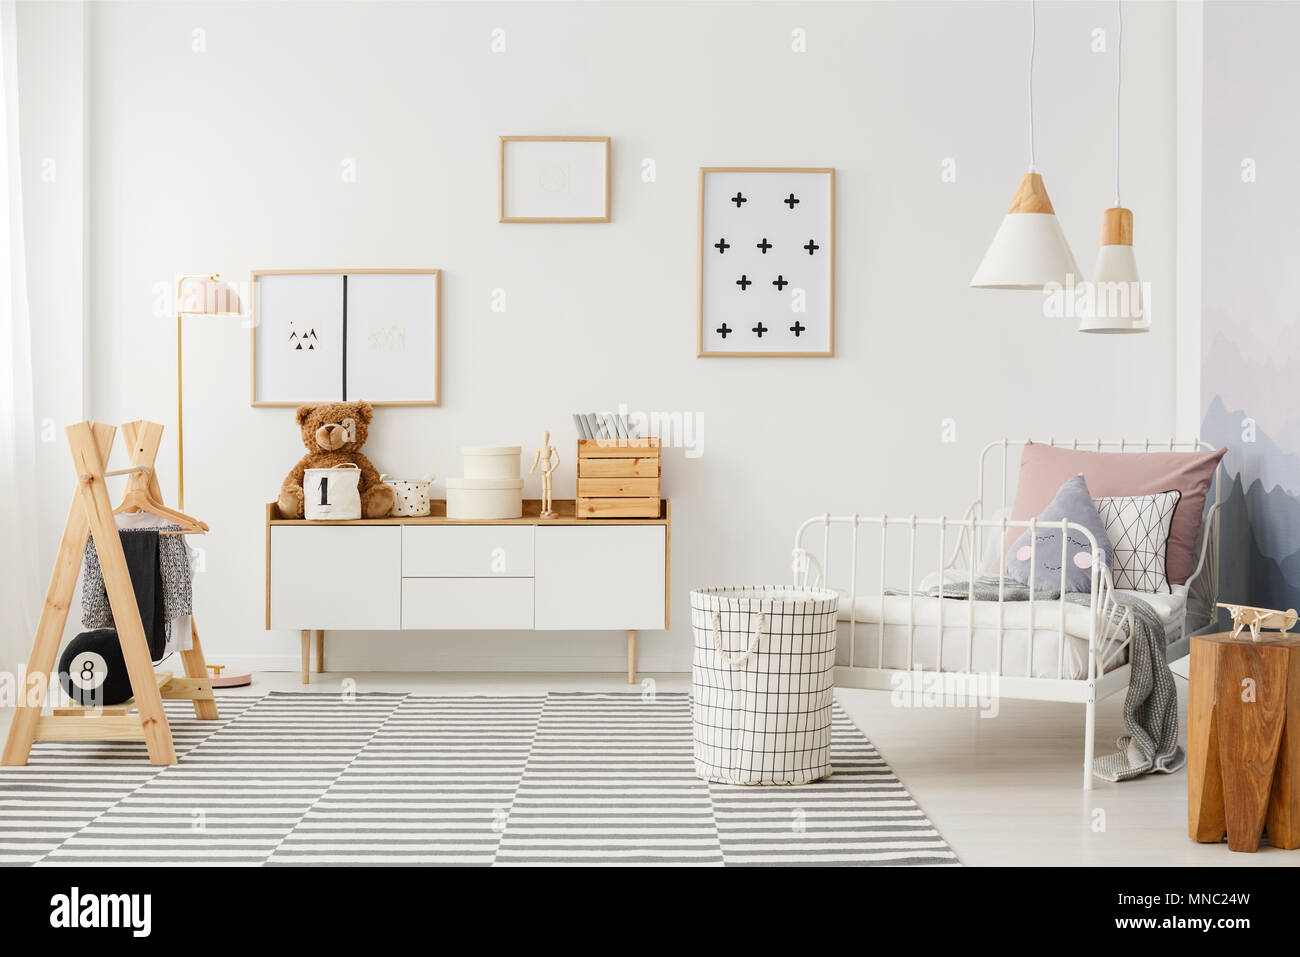 Naturale bright kids interiore camera da letto con mobili in legno